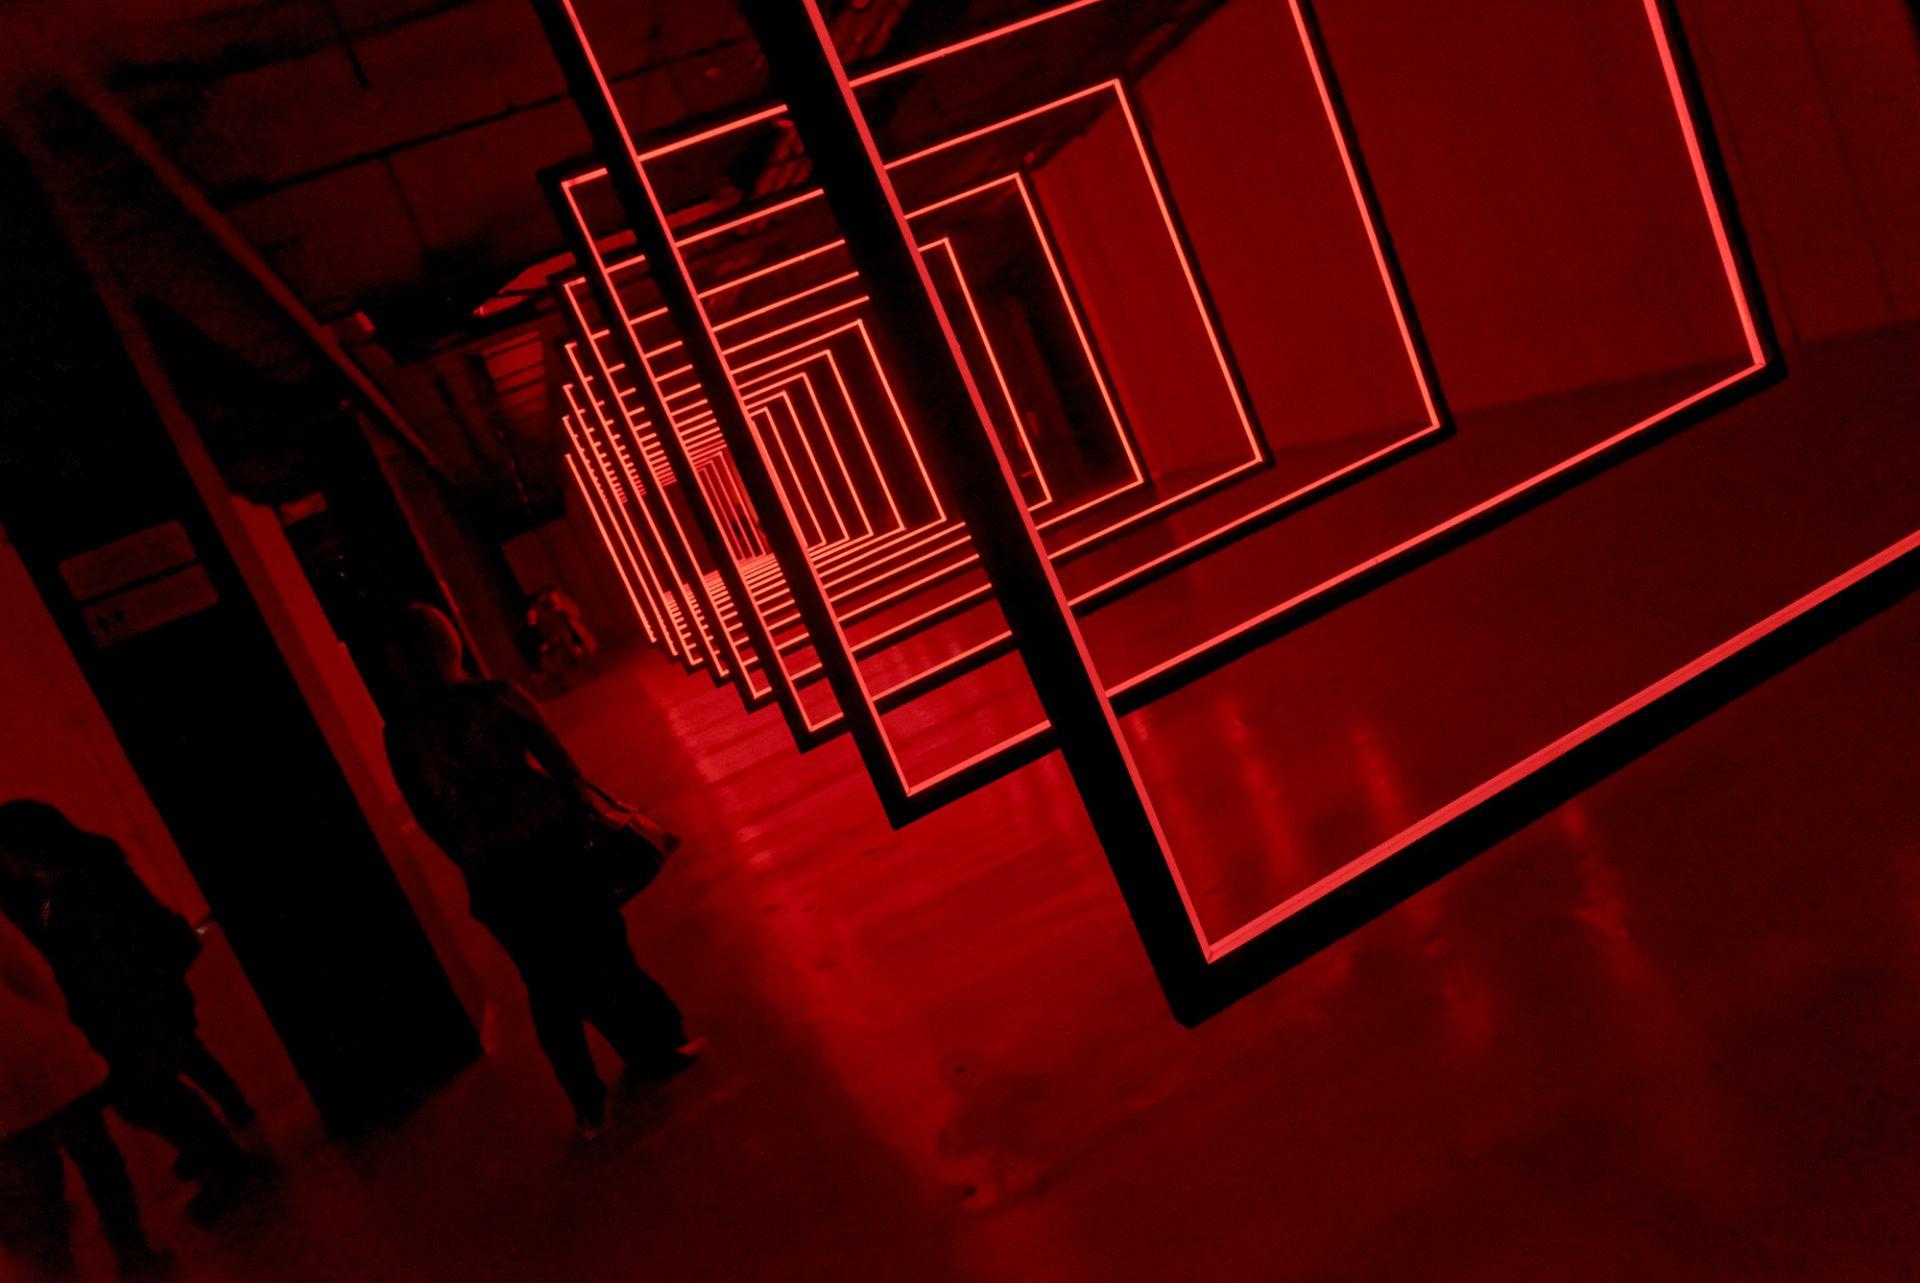 Installation lumière Point(s) de Vue(s), d'Olivier Ratsi à Almaty, Kazakhstan.